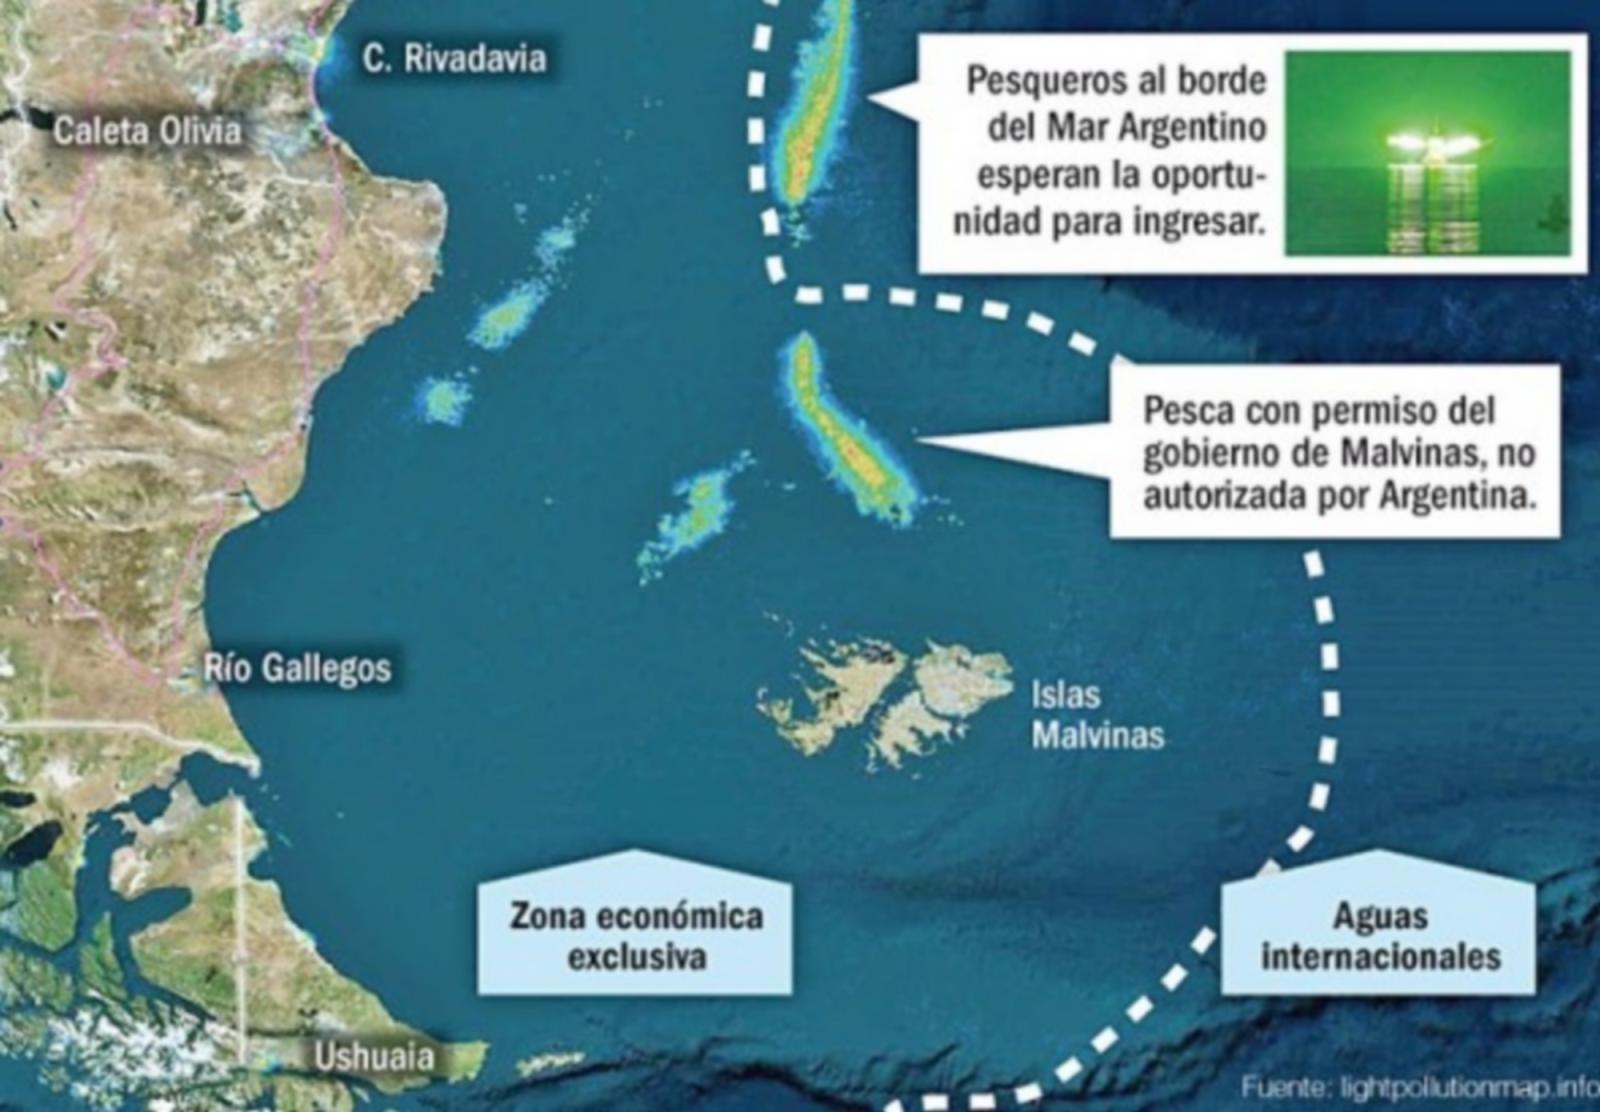 Pesca ilegal,Una batalla naval con 500 millones de dólares en pérdidas_desarrollodefensaytecnologiabelica.blogspot.com.ar